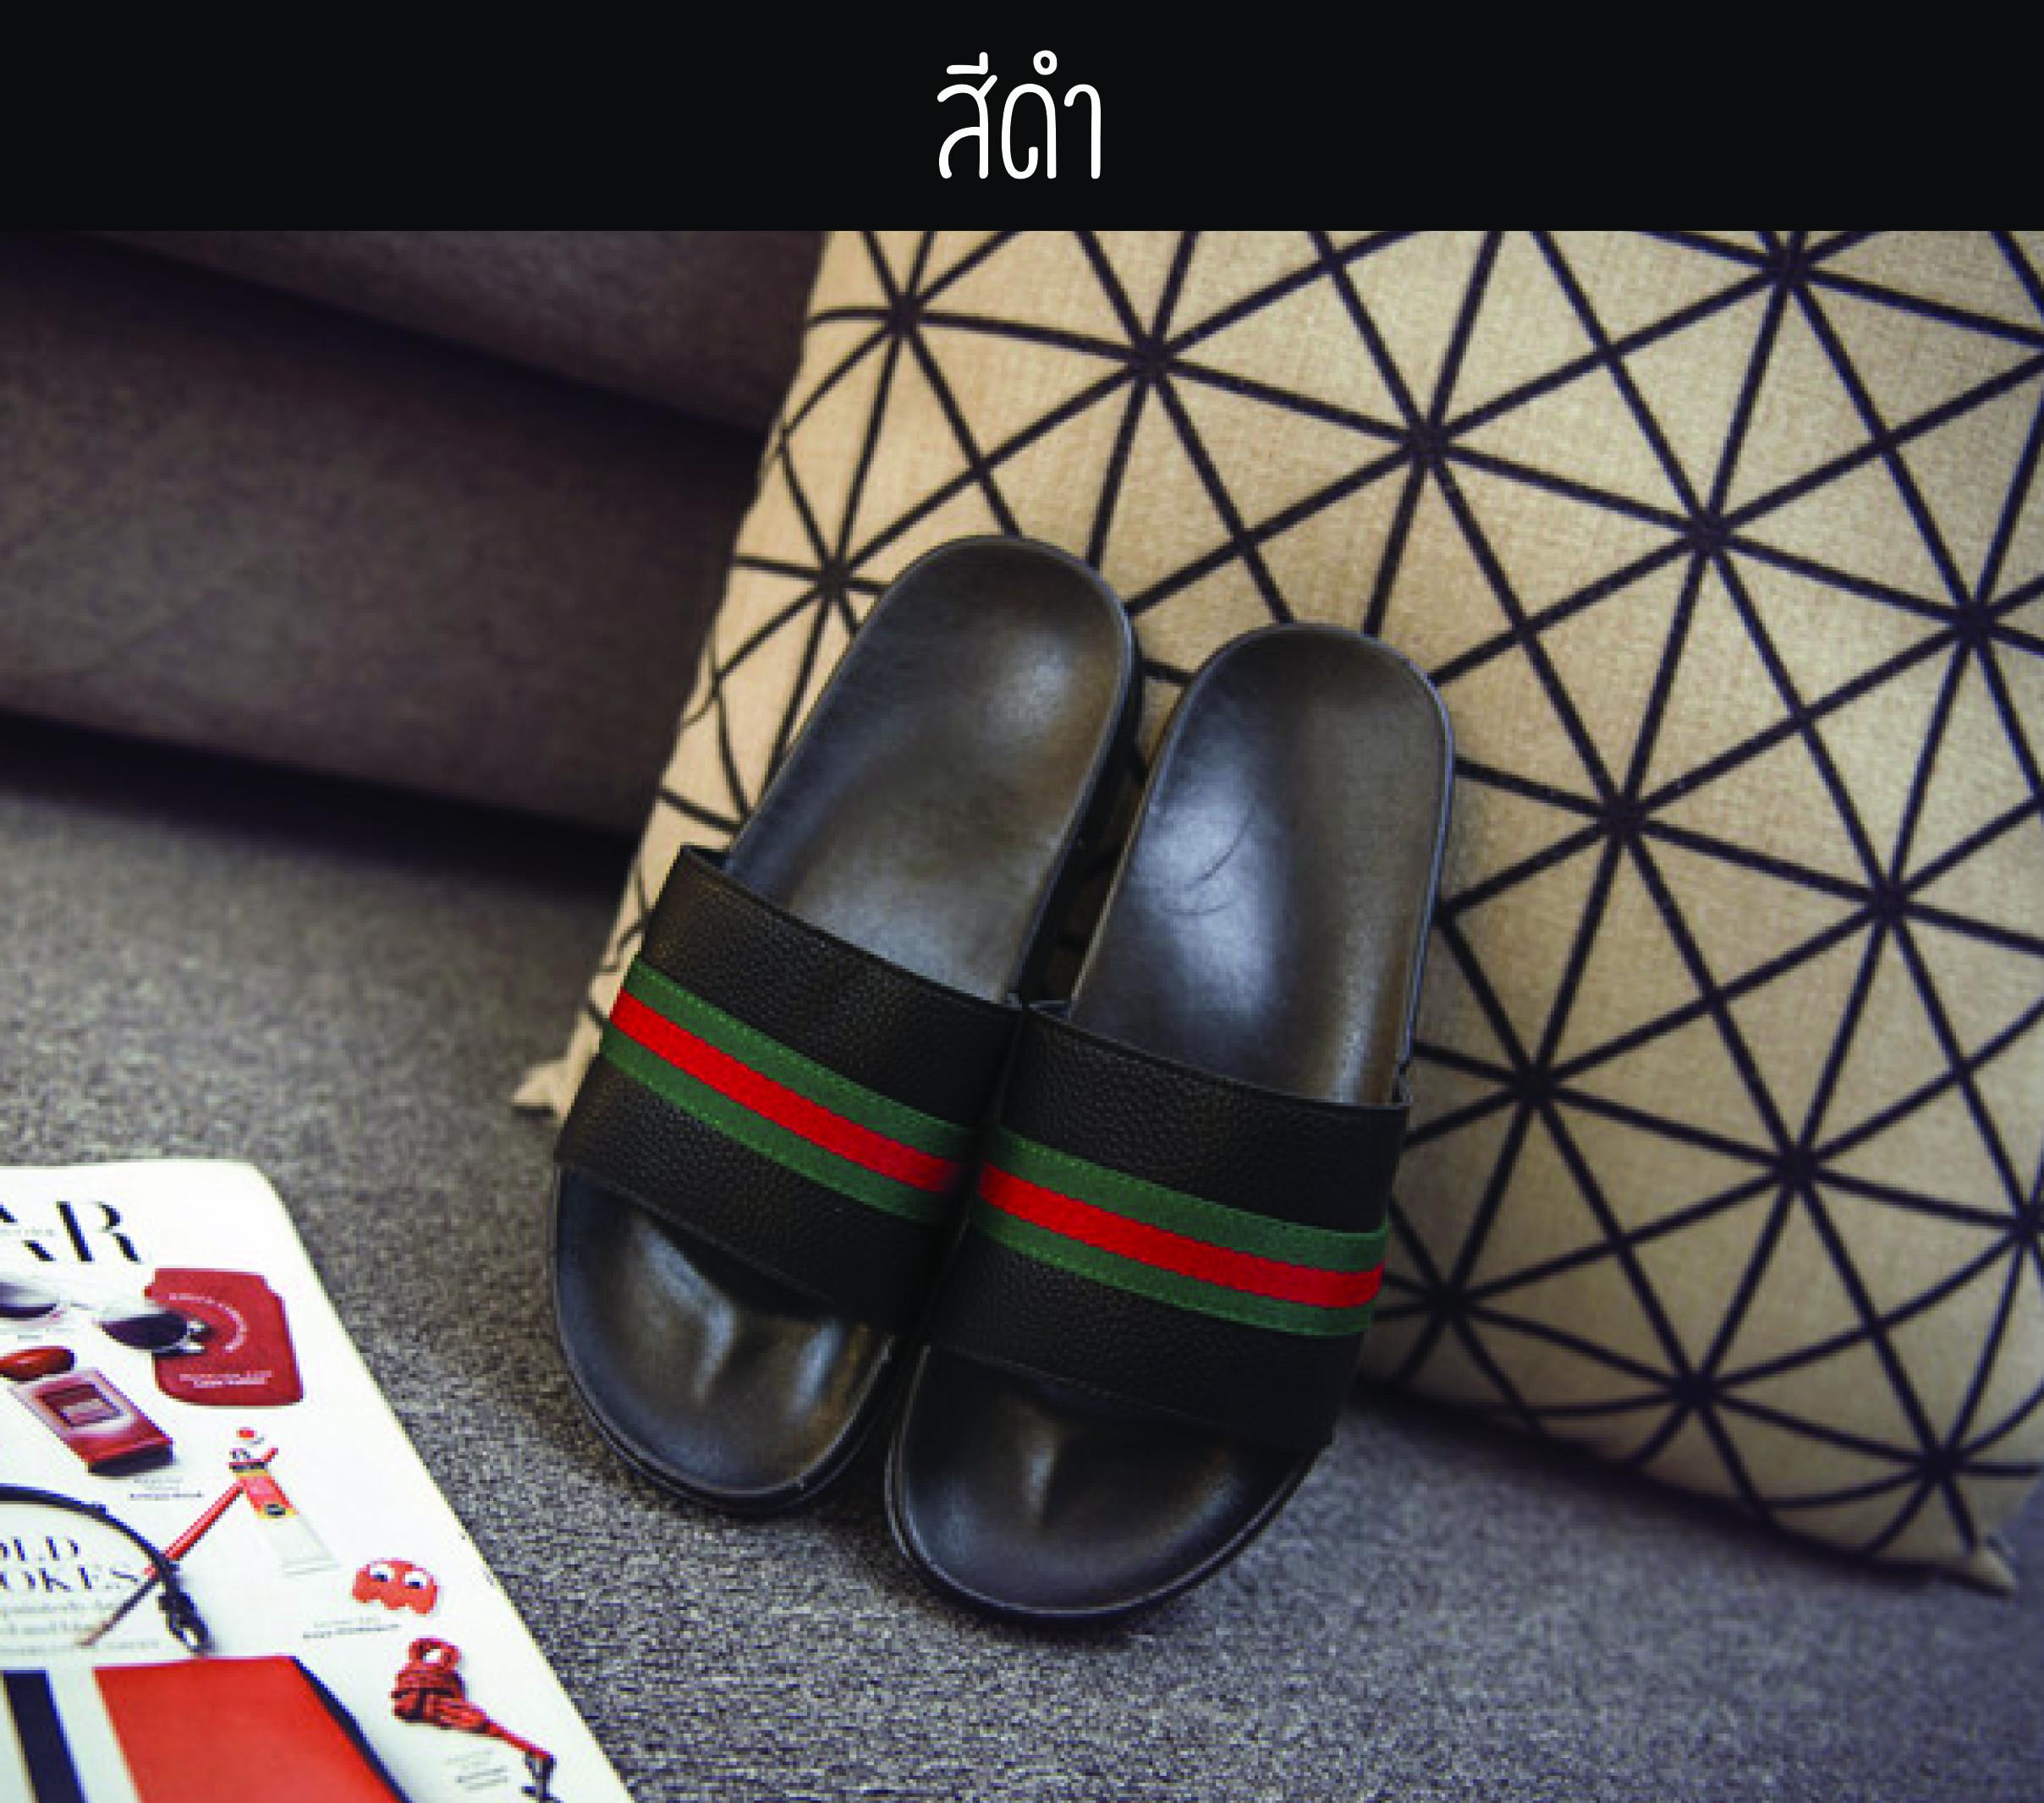 5521 - รองเท้าแตะแฟชั่น สีดำ 42